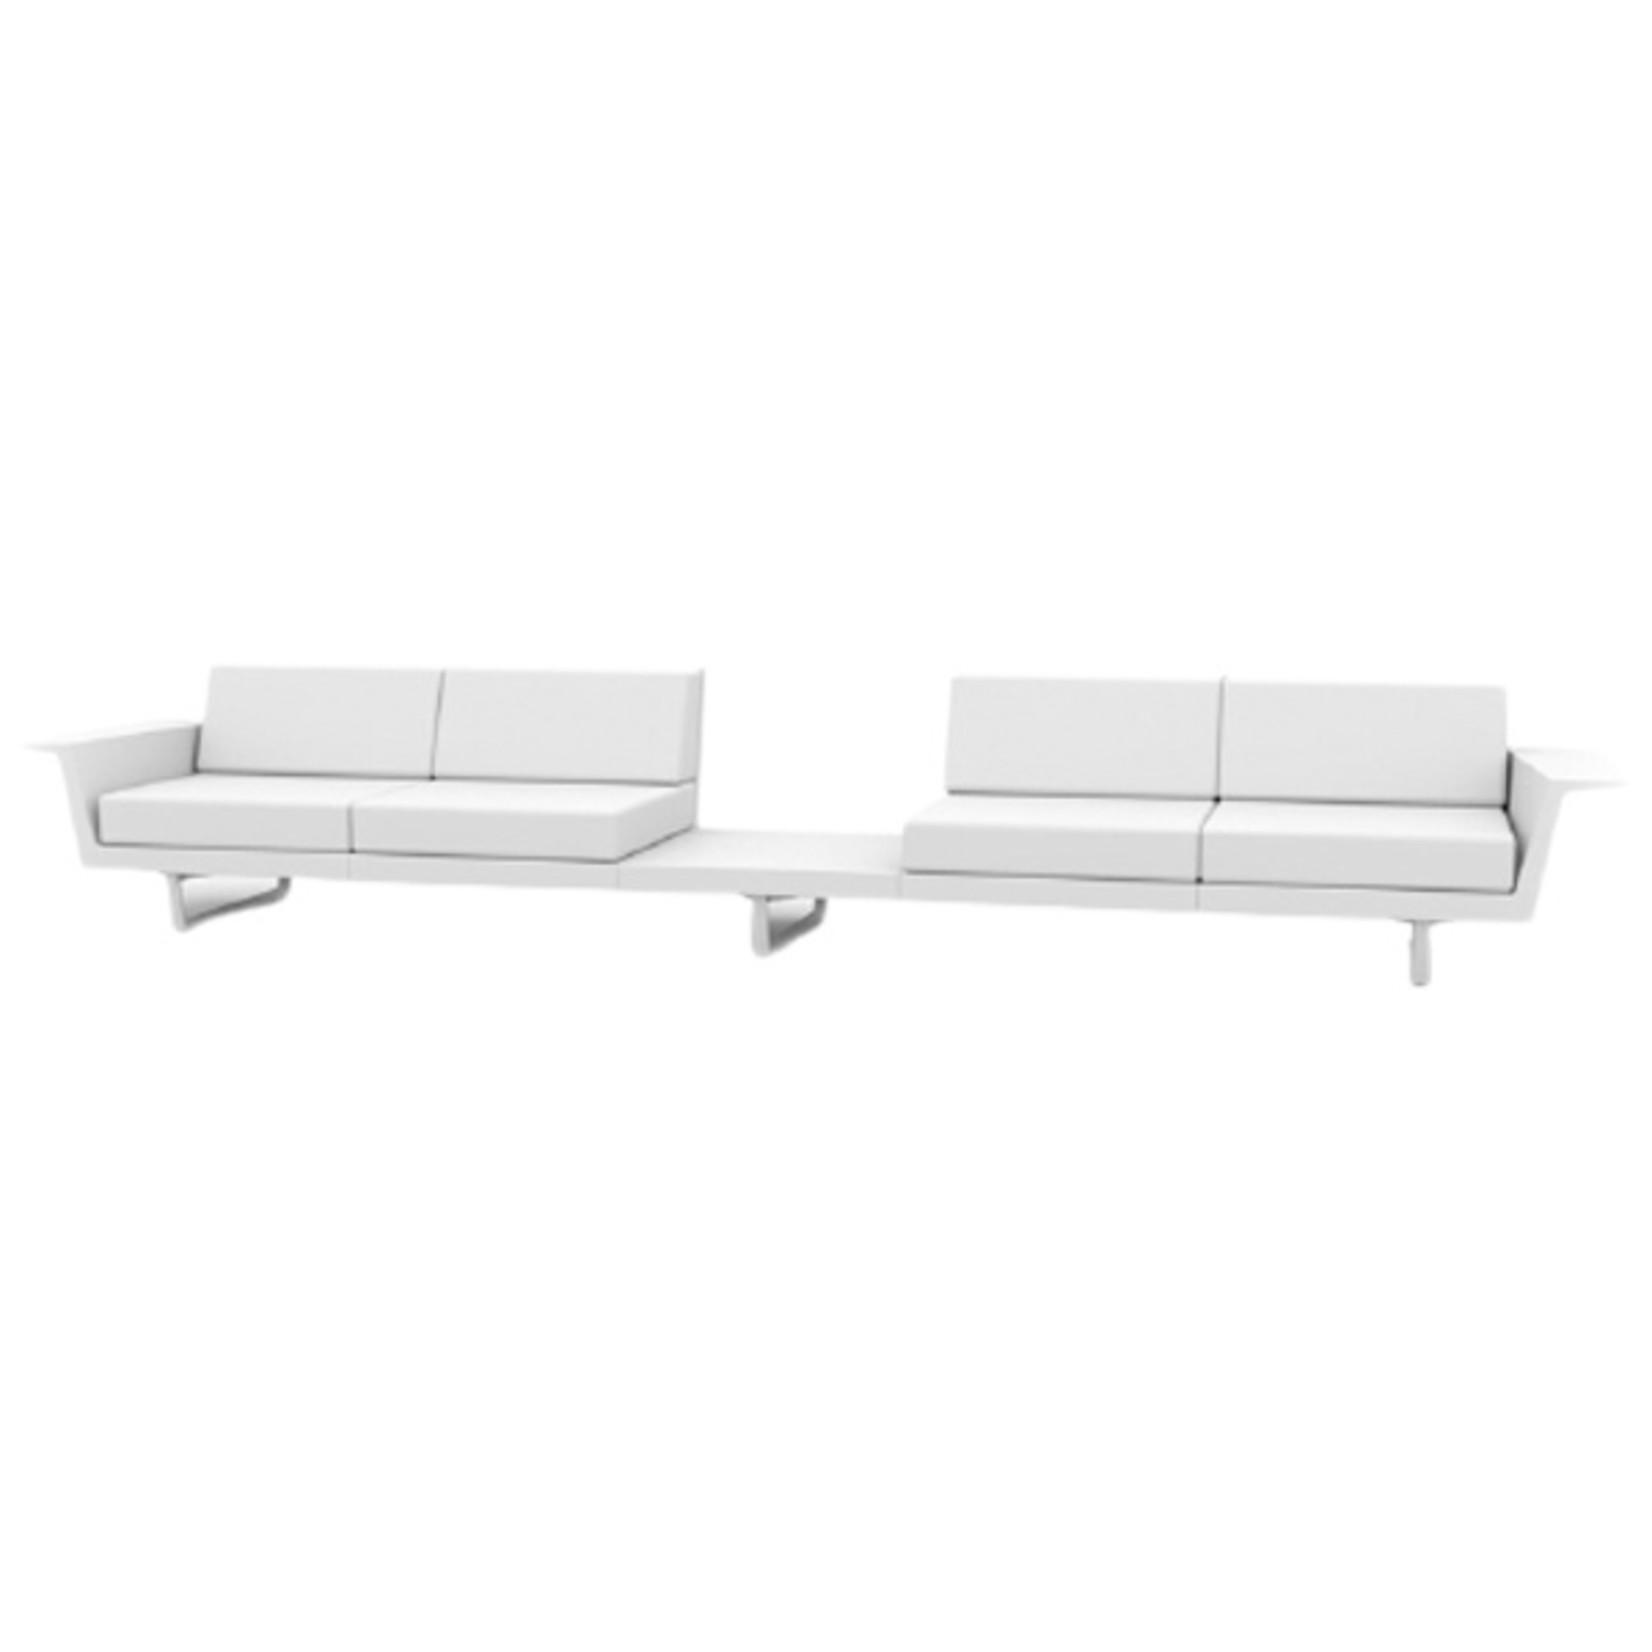 Vondom DELTA Sofa 4 seat + Table